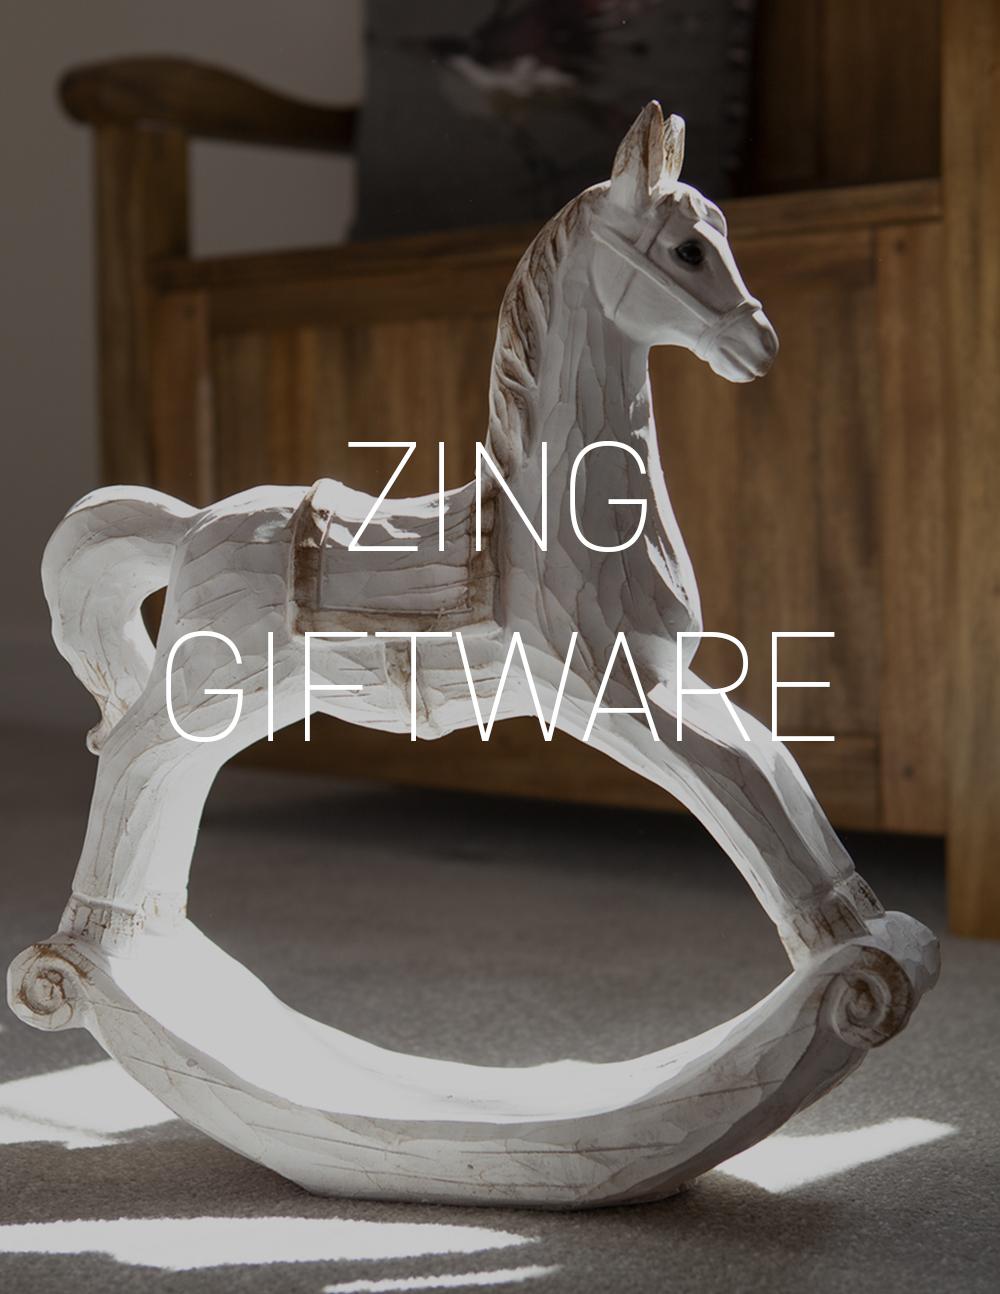 Zing gift composite 02.jpg